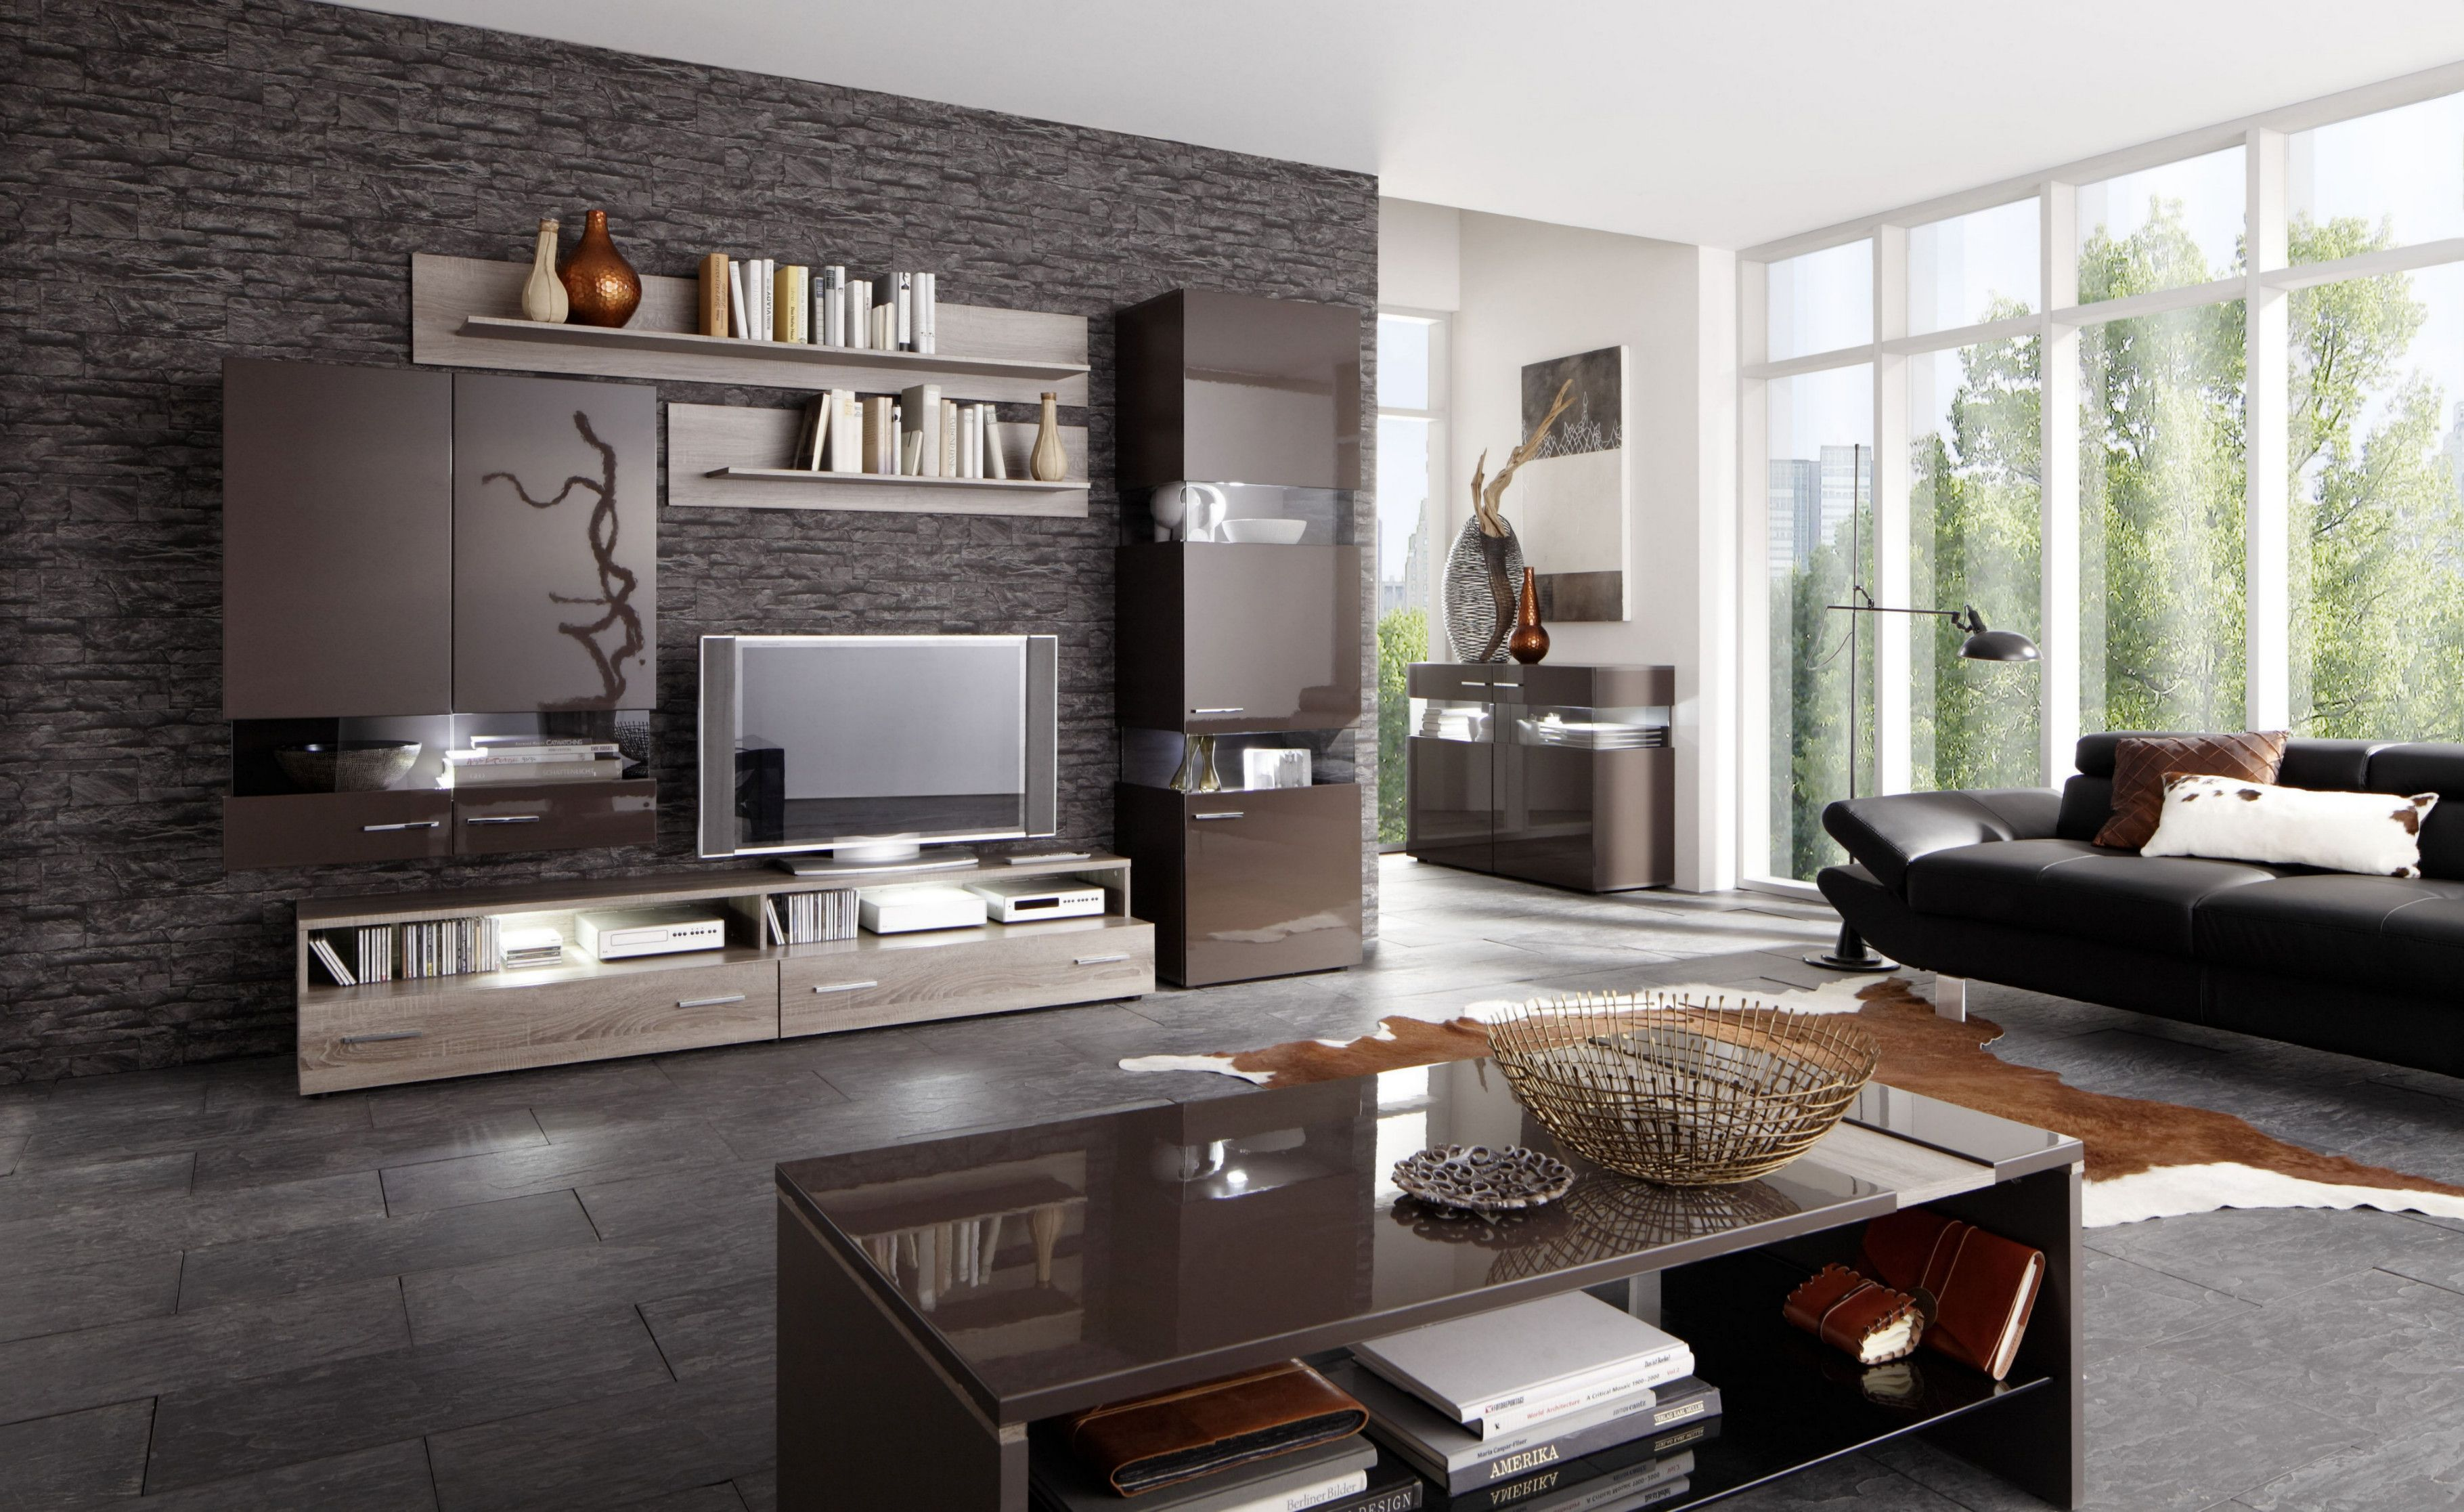 Wohnideen Wohnzimmer Braun Türkis